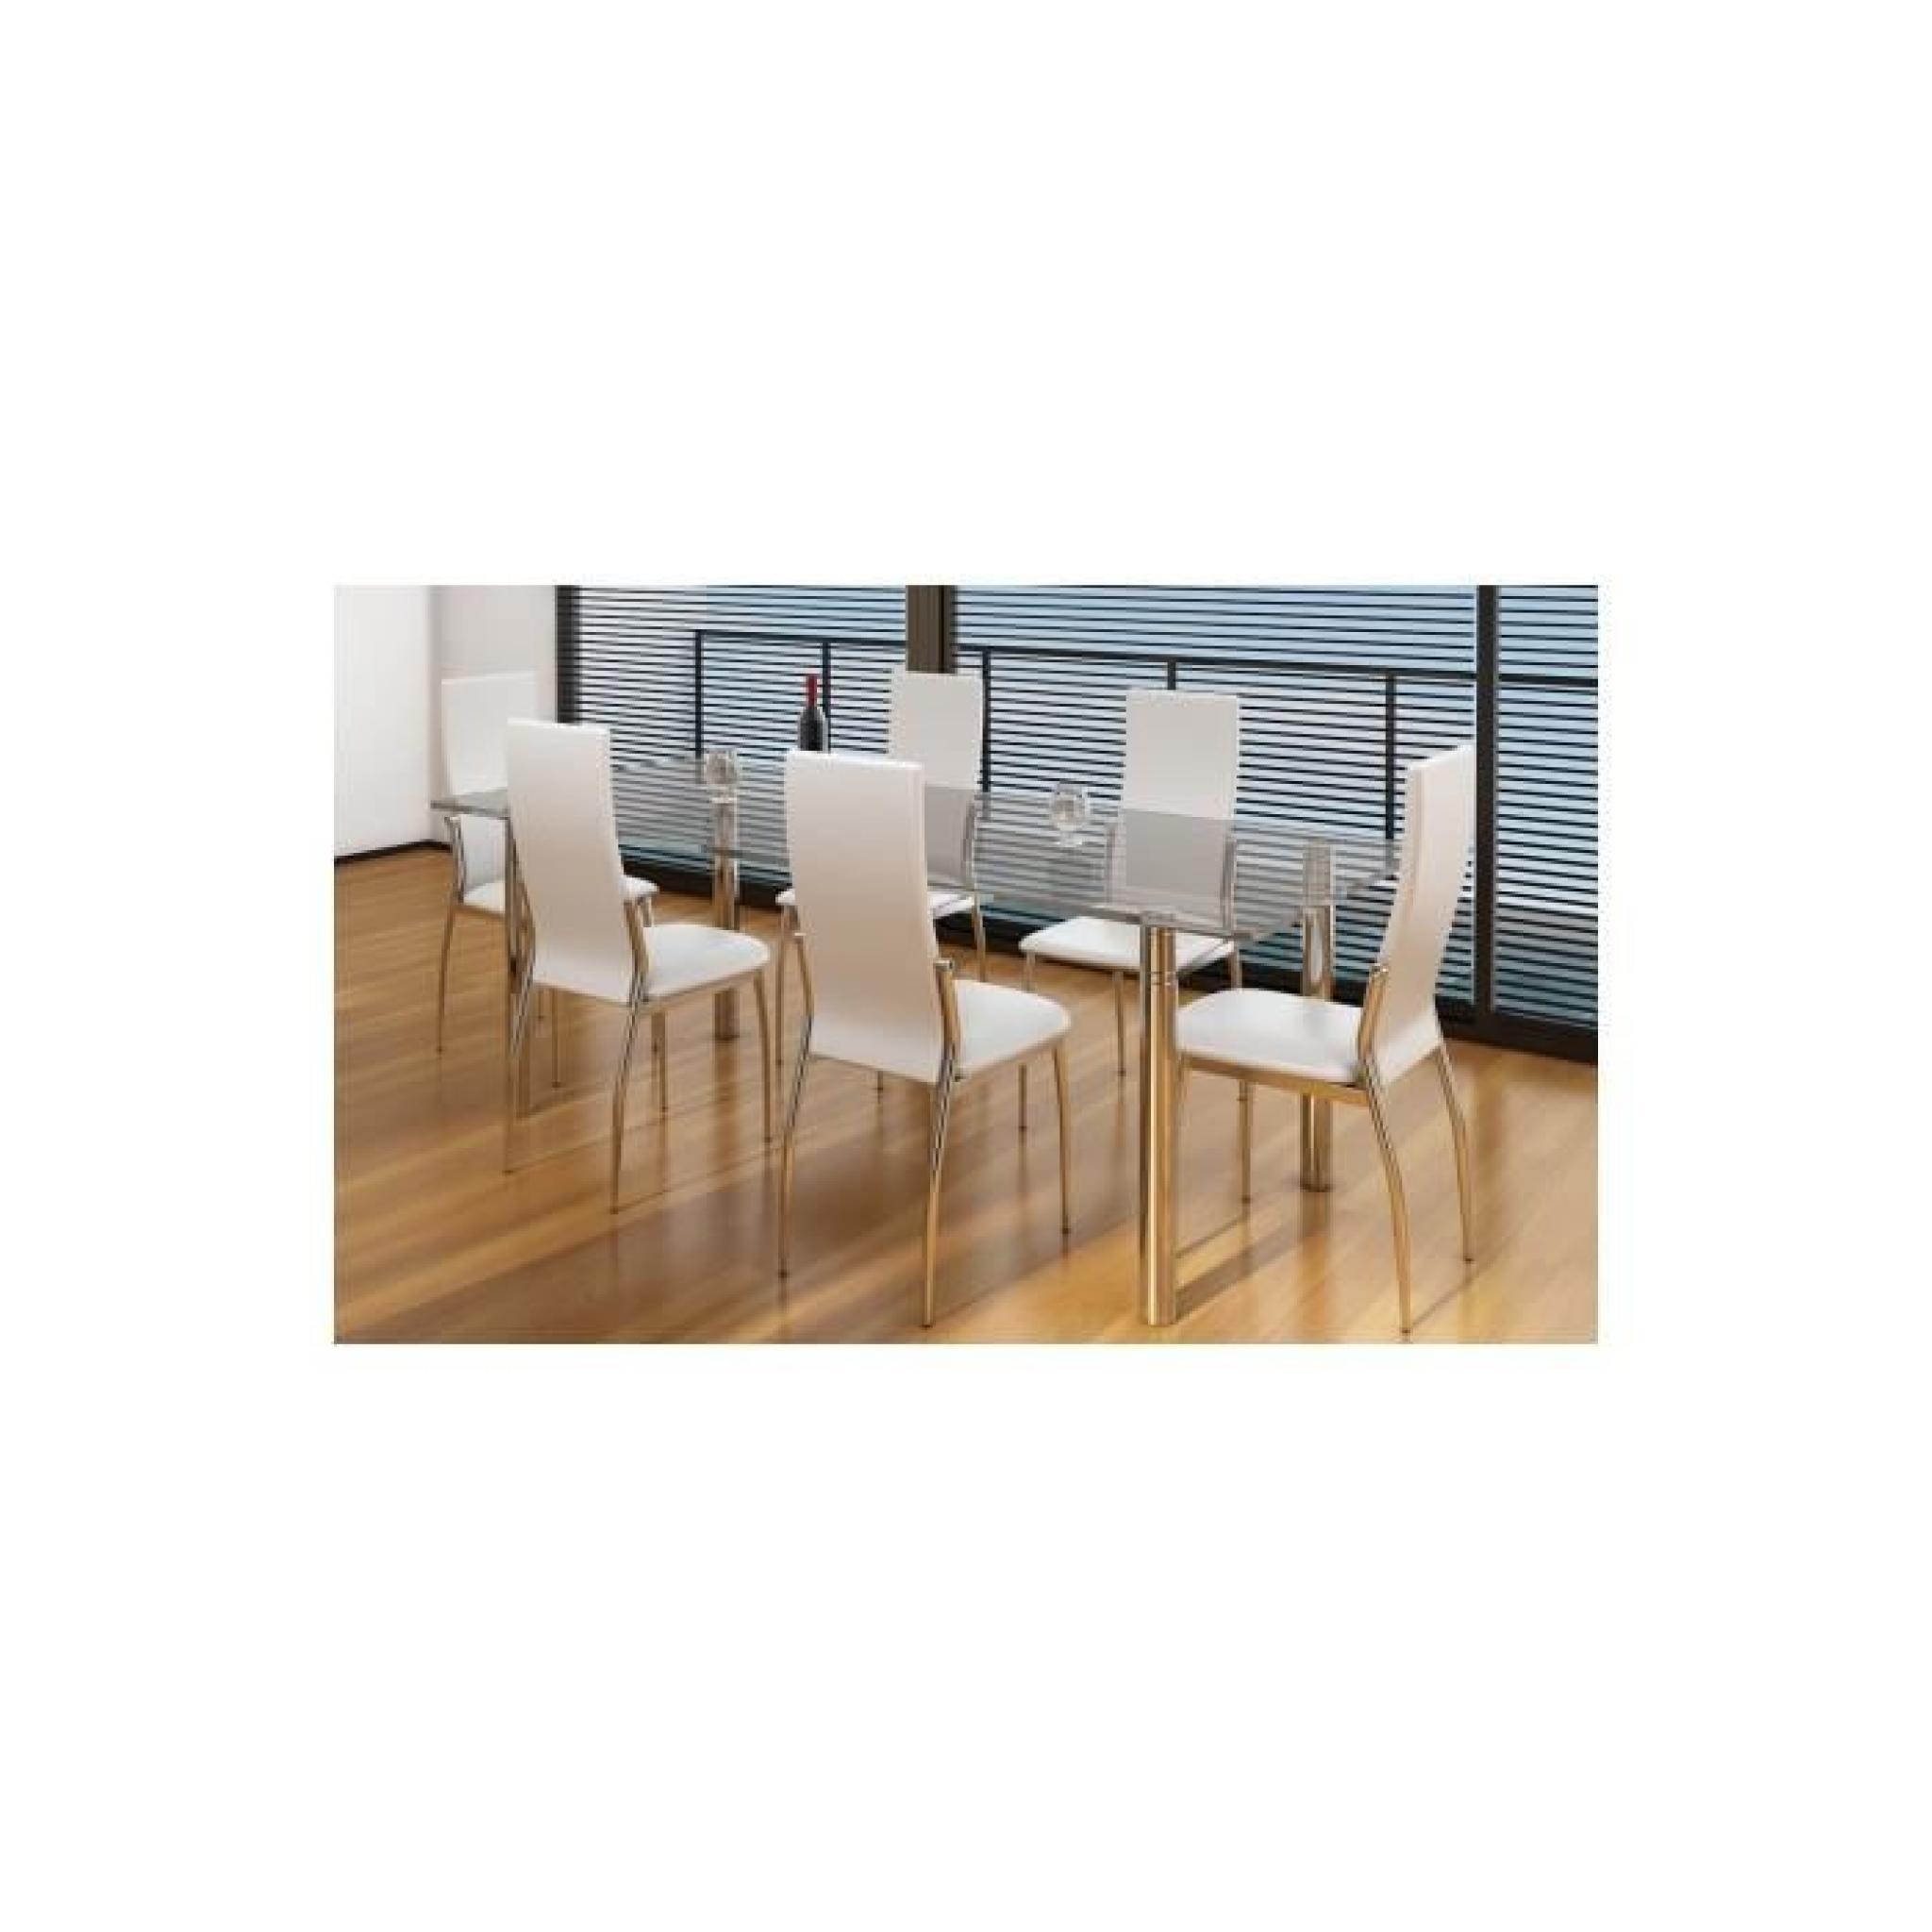 chaise de salle manger alu lot de 6 achat vente. Black Bedroom Furniture Sets. Home Design Ideas